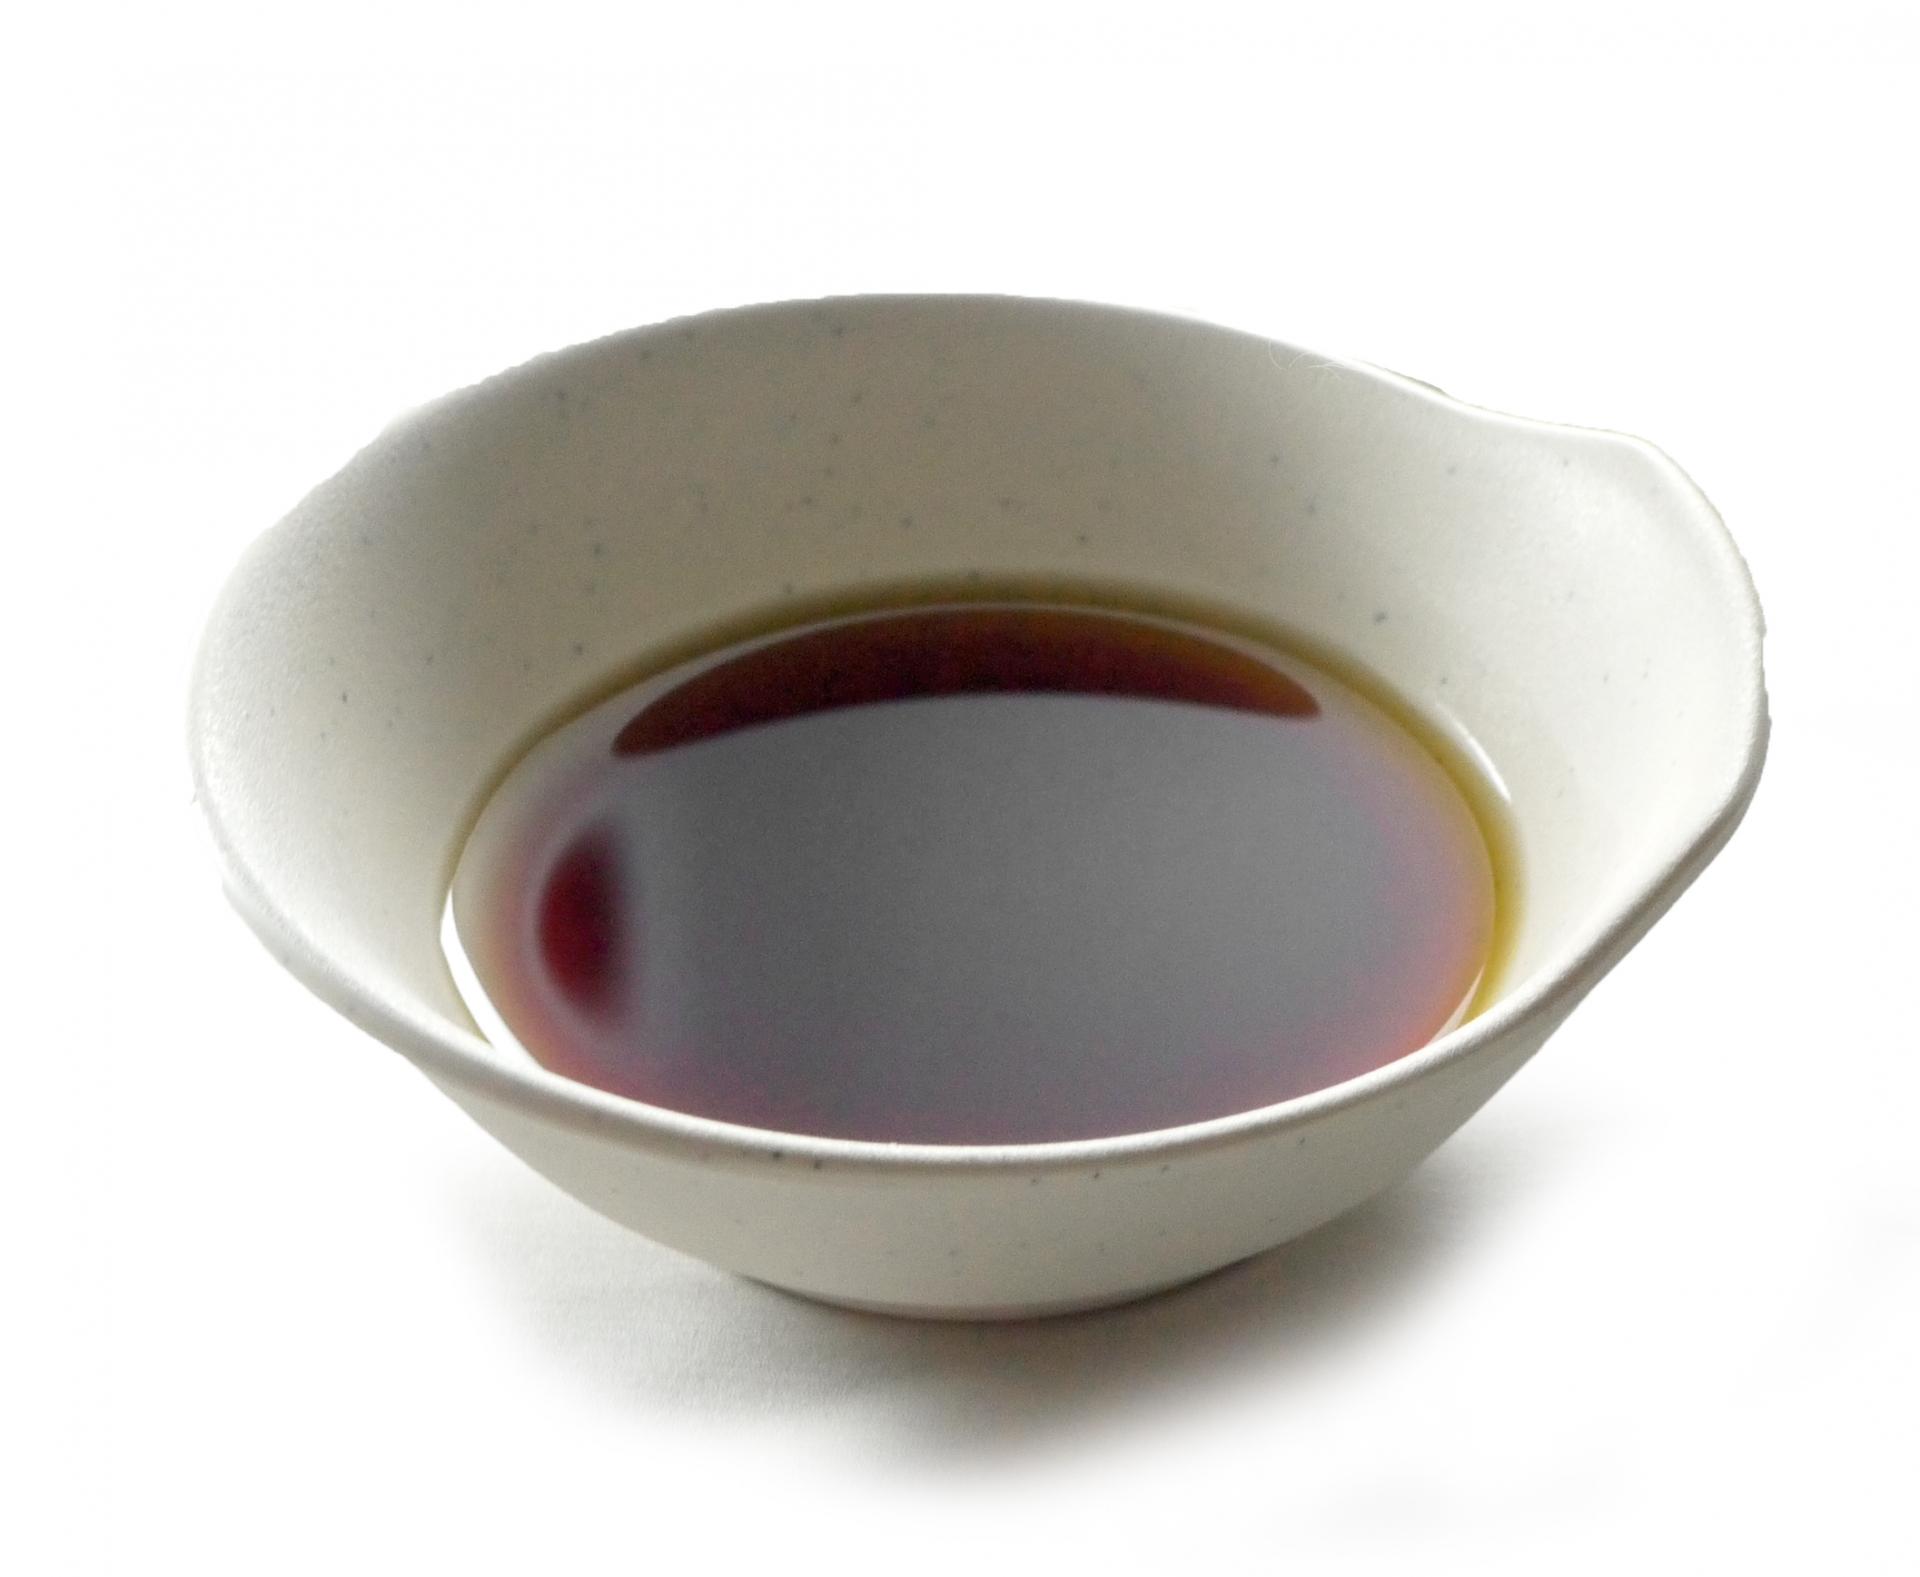 【きょうの料理】甘辛だれのレシピ 栗原はるみ【10月7日】